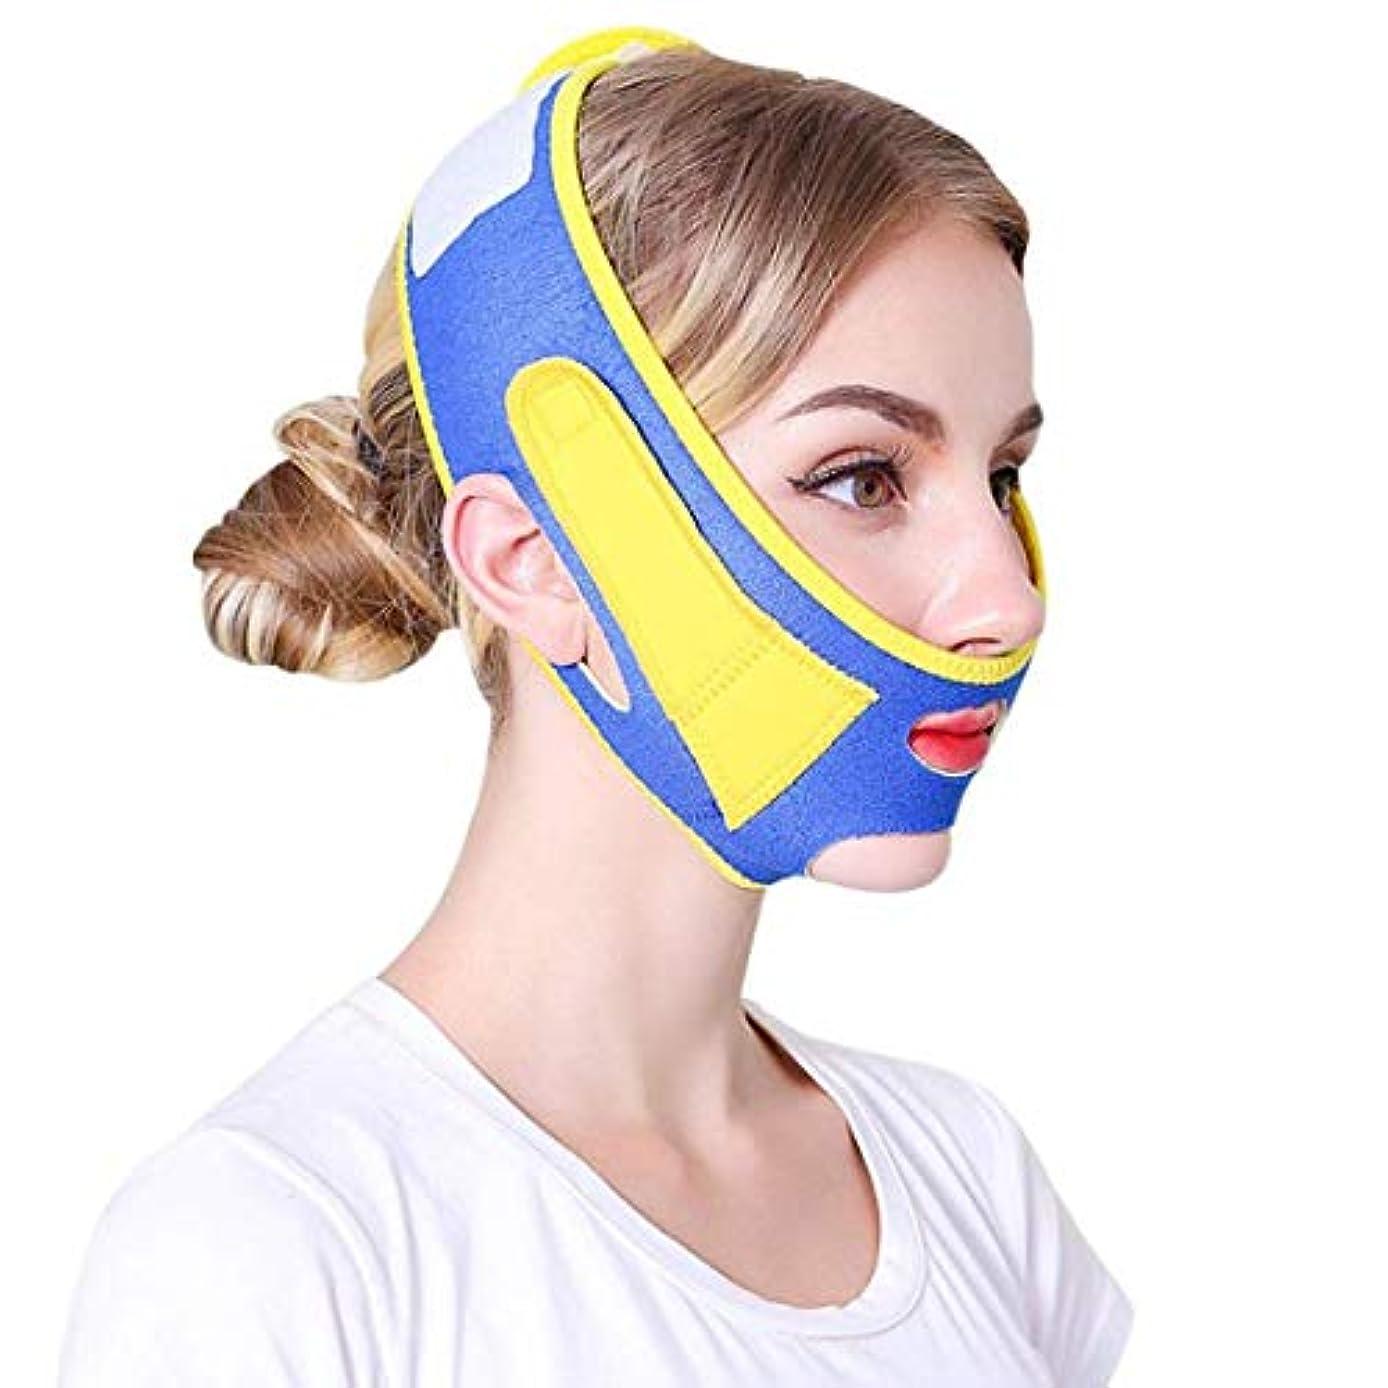 軽蔑するヘロインクリップ蝶ZWBD フェイスマスク, フェイスリフト包帯抗たるみvフェイスリフティング包帯整形二重あご青黄色